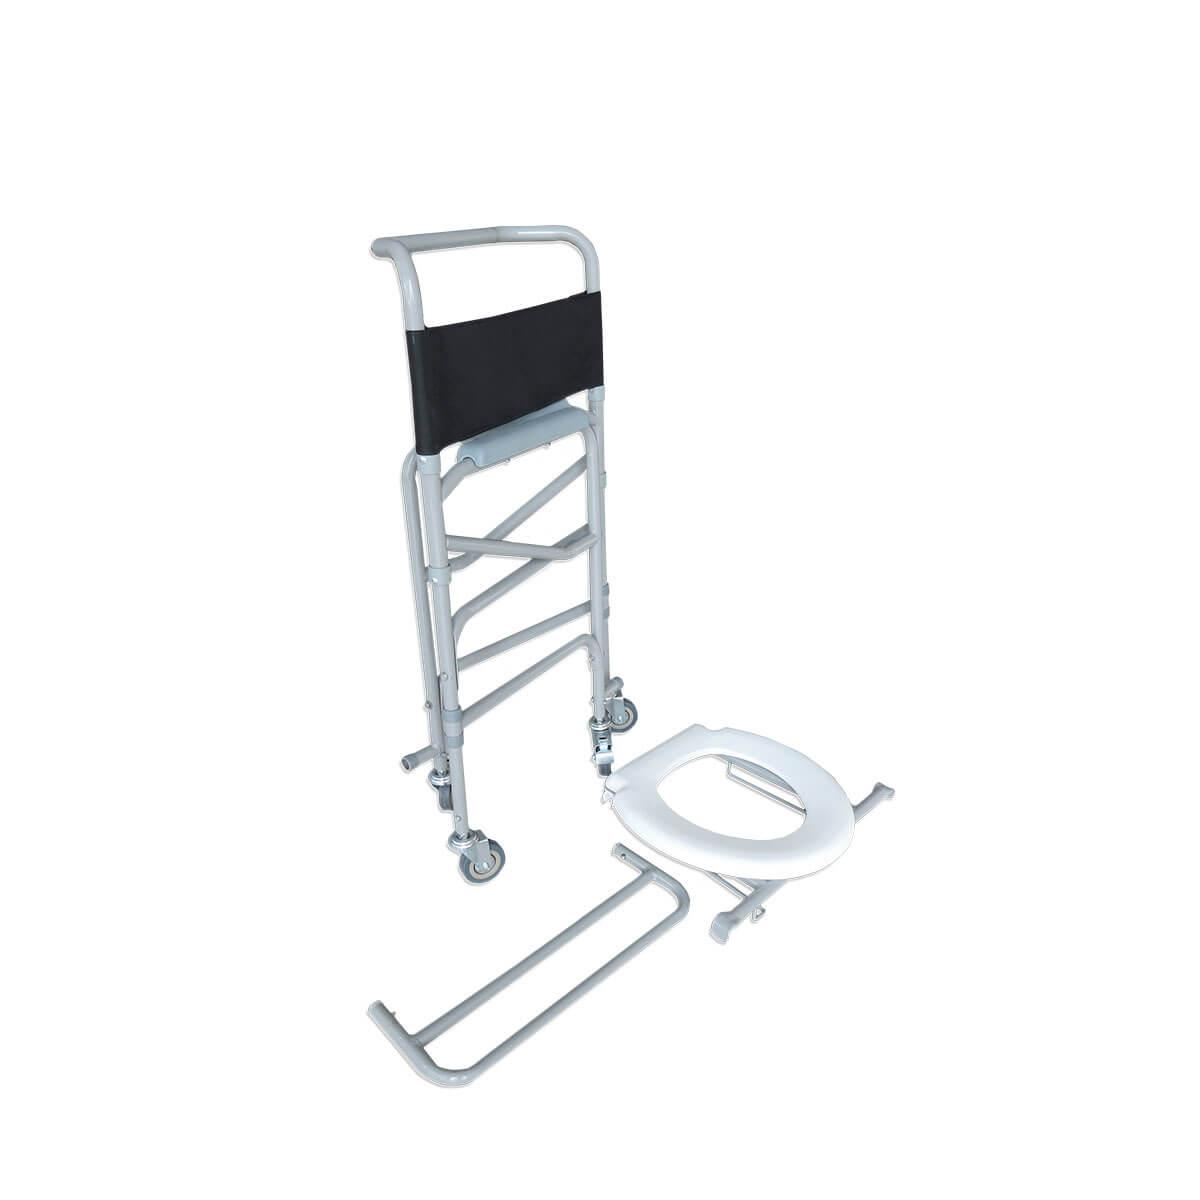 Cadeira para Higiene Banho 3x1 - D40